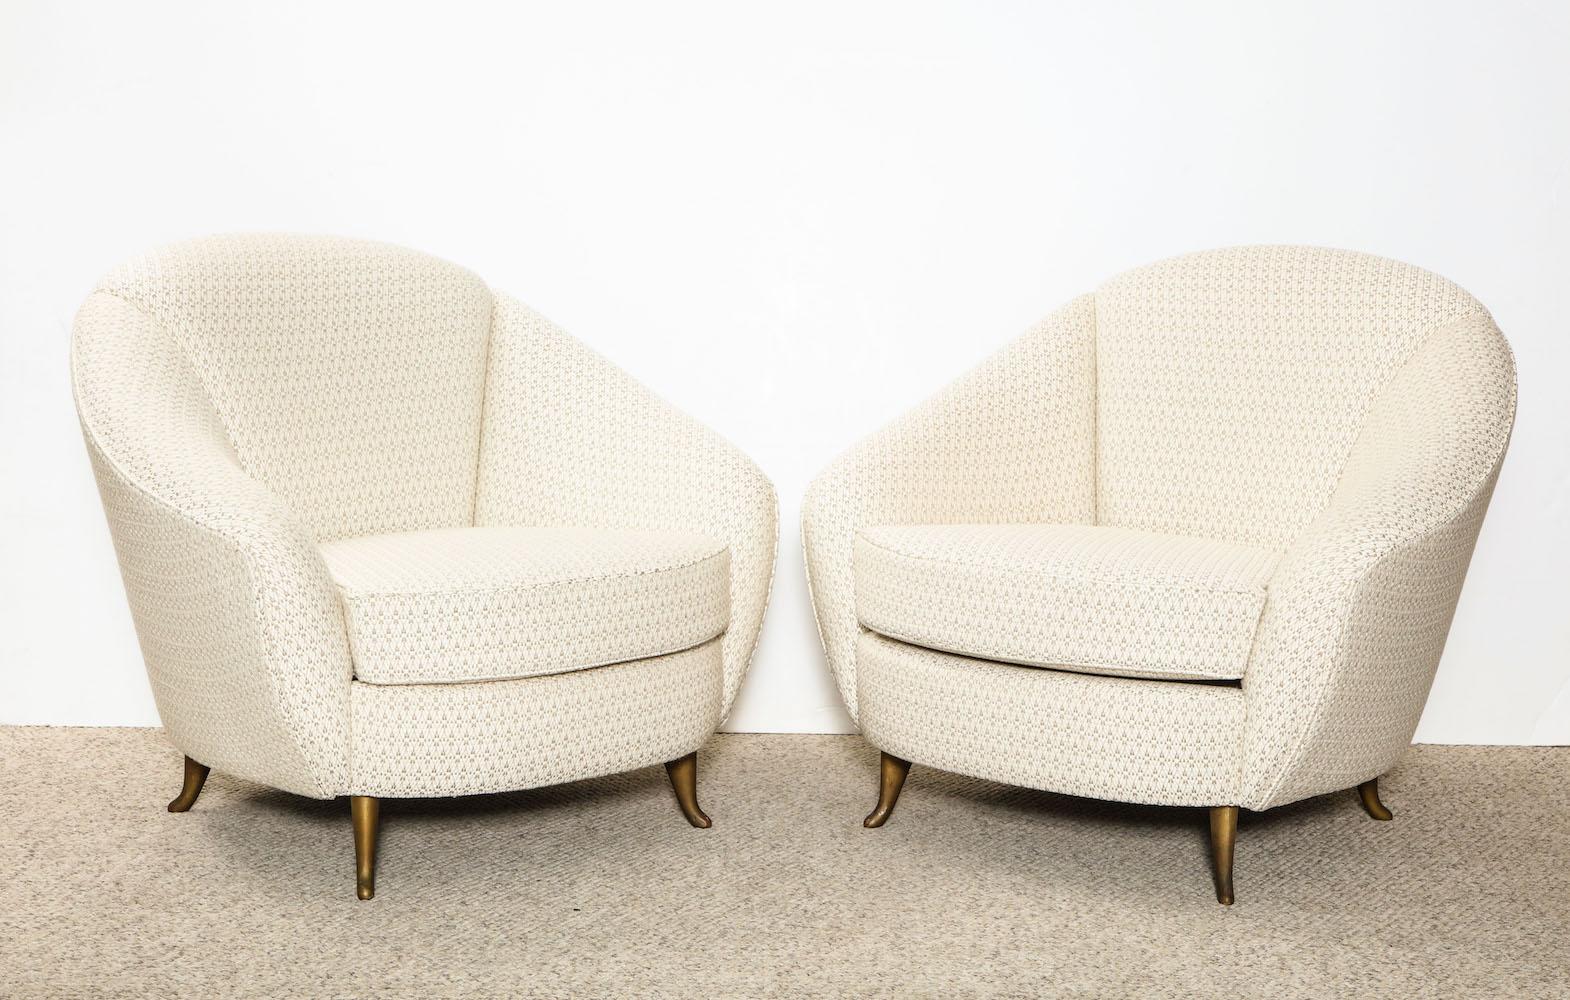 Ponti ISA Chairs 3.jpg